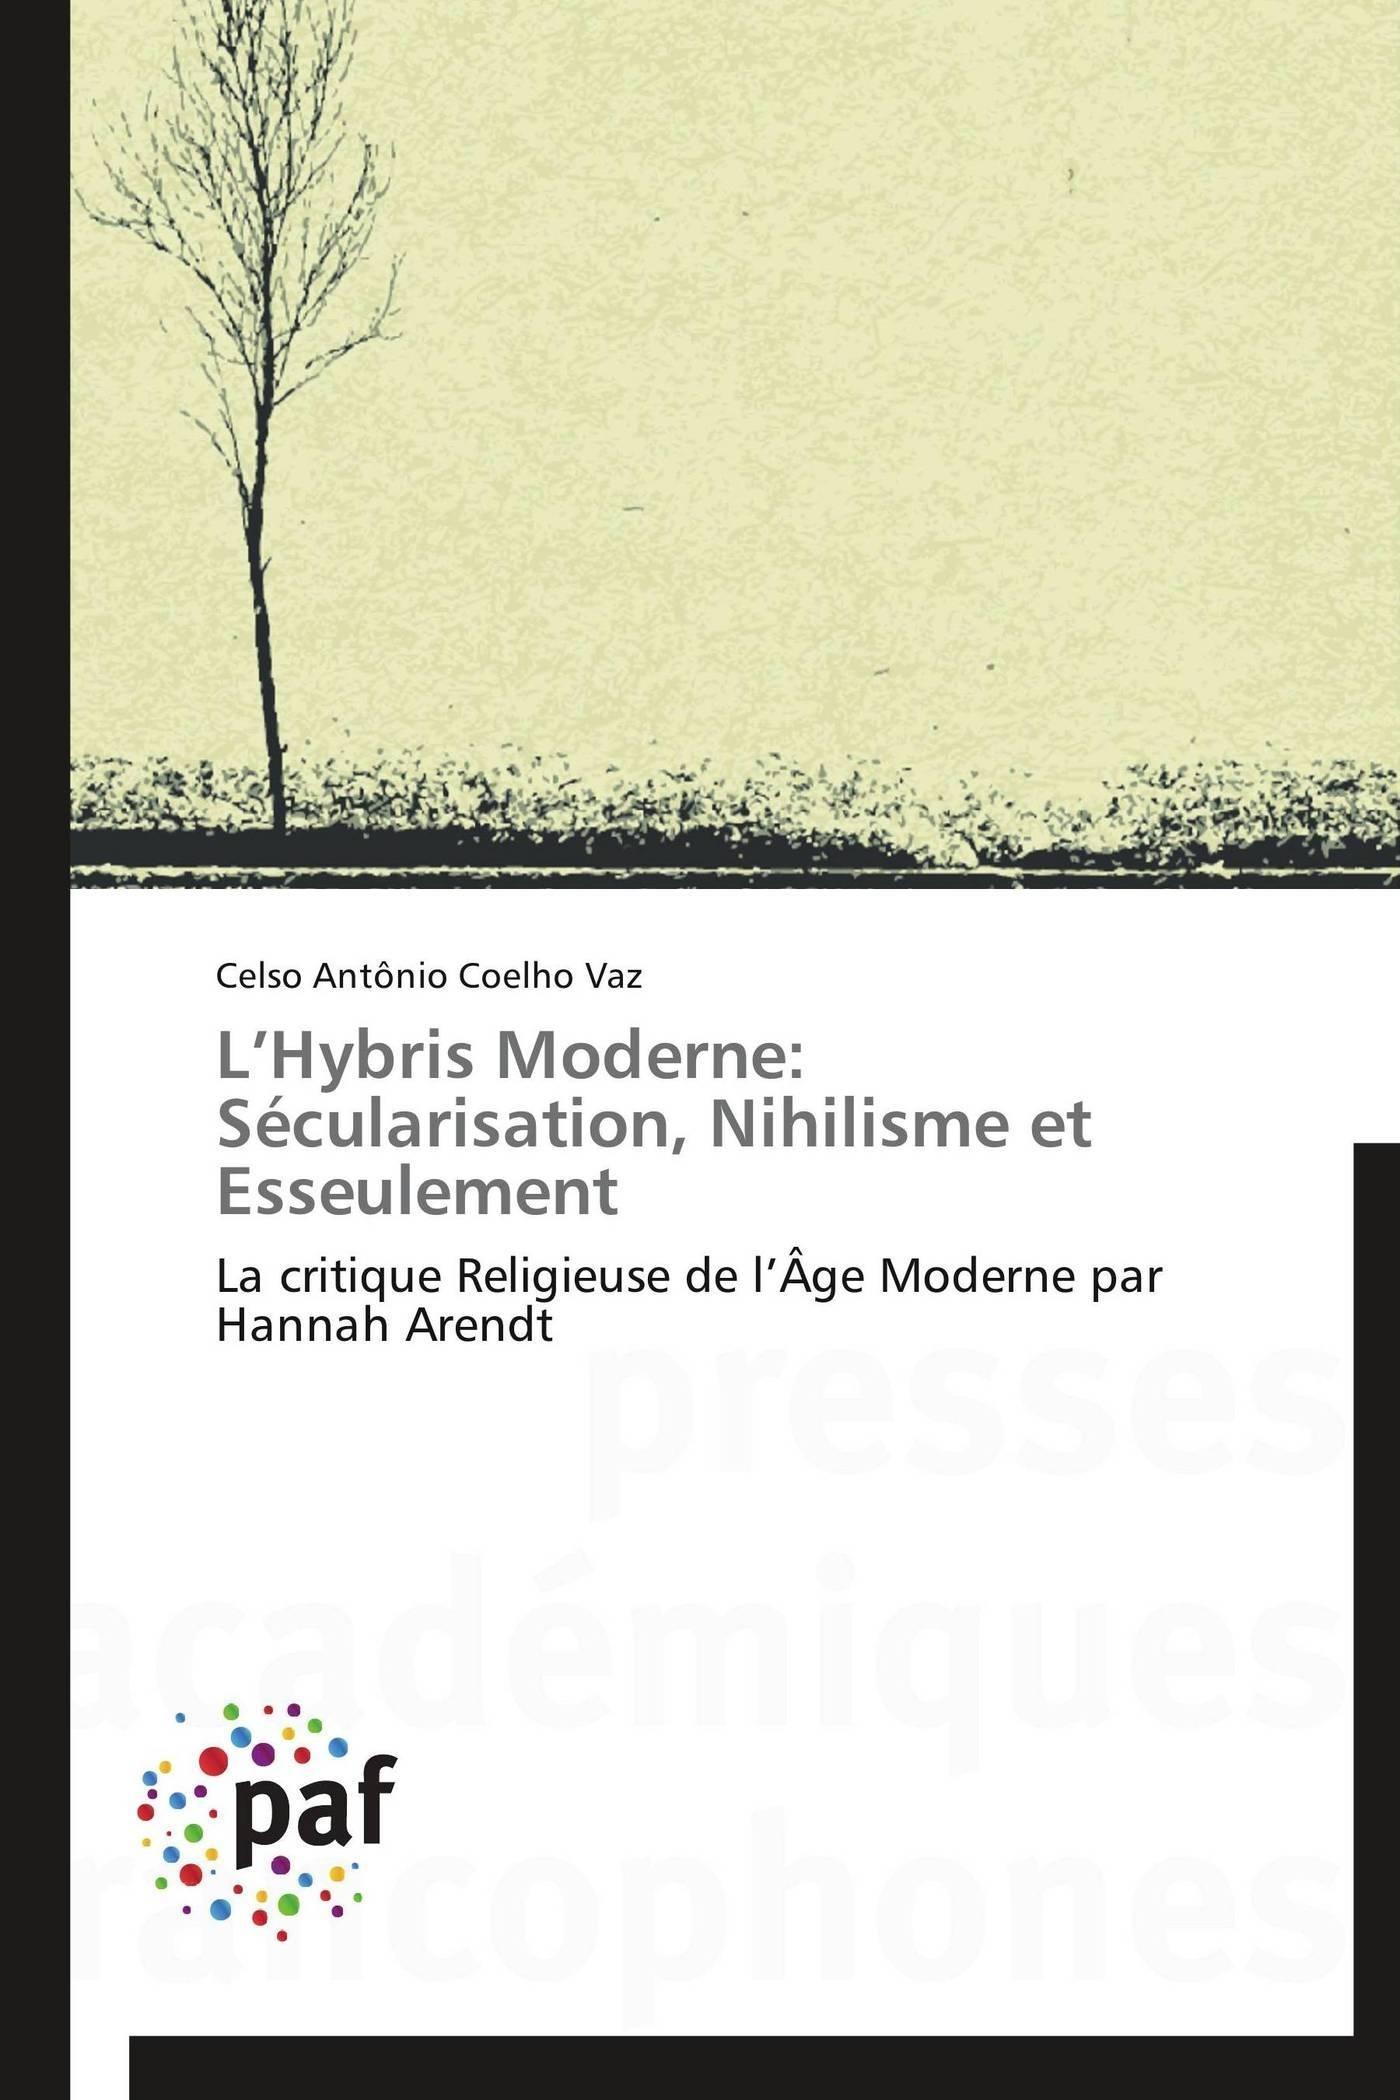 L HYBRIS MODERNE: SECULARISATION, NIHILISME ET ESSEULEMENT